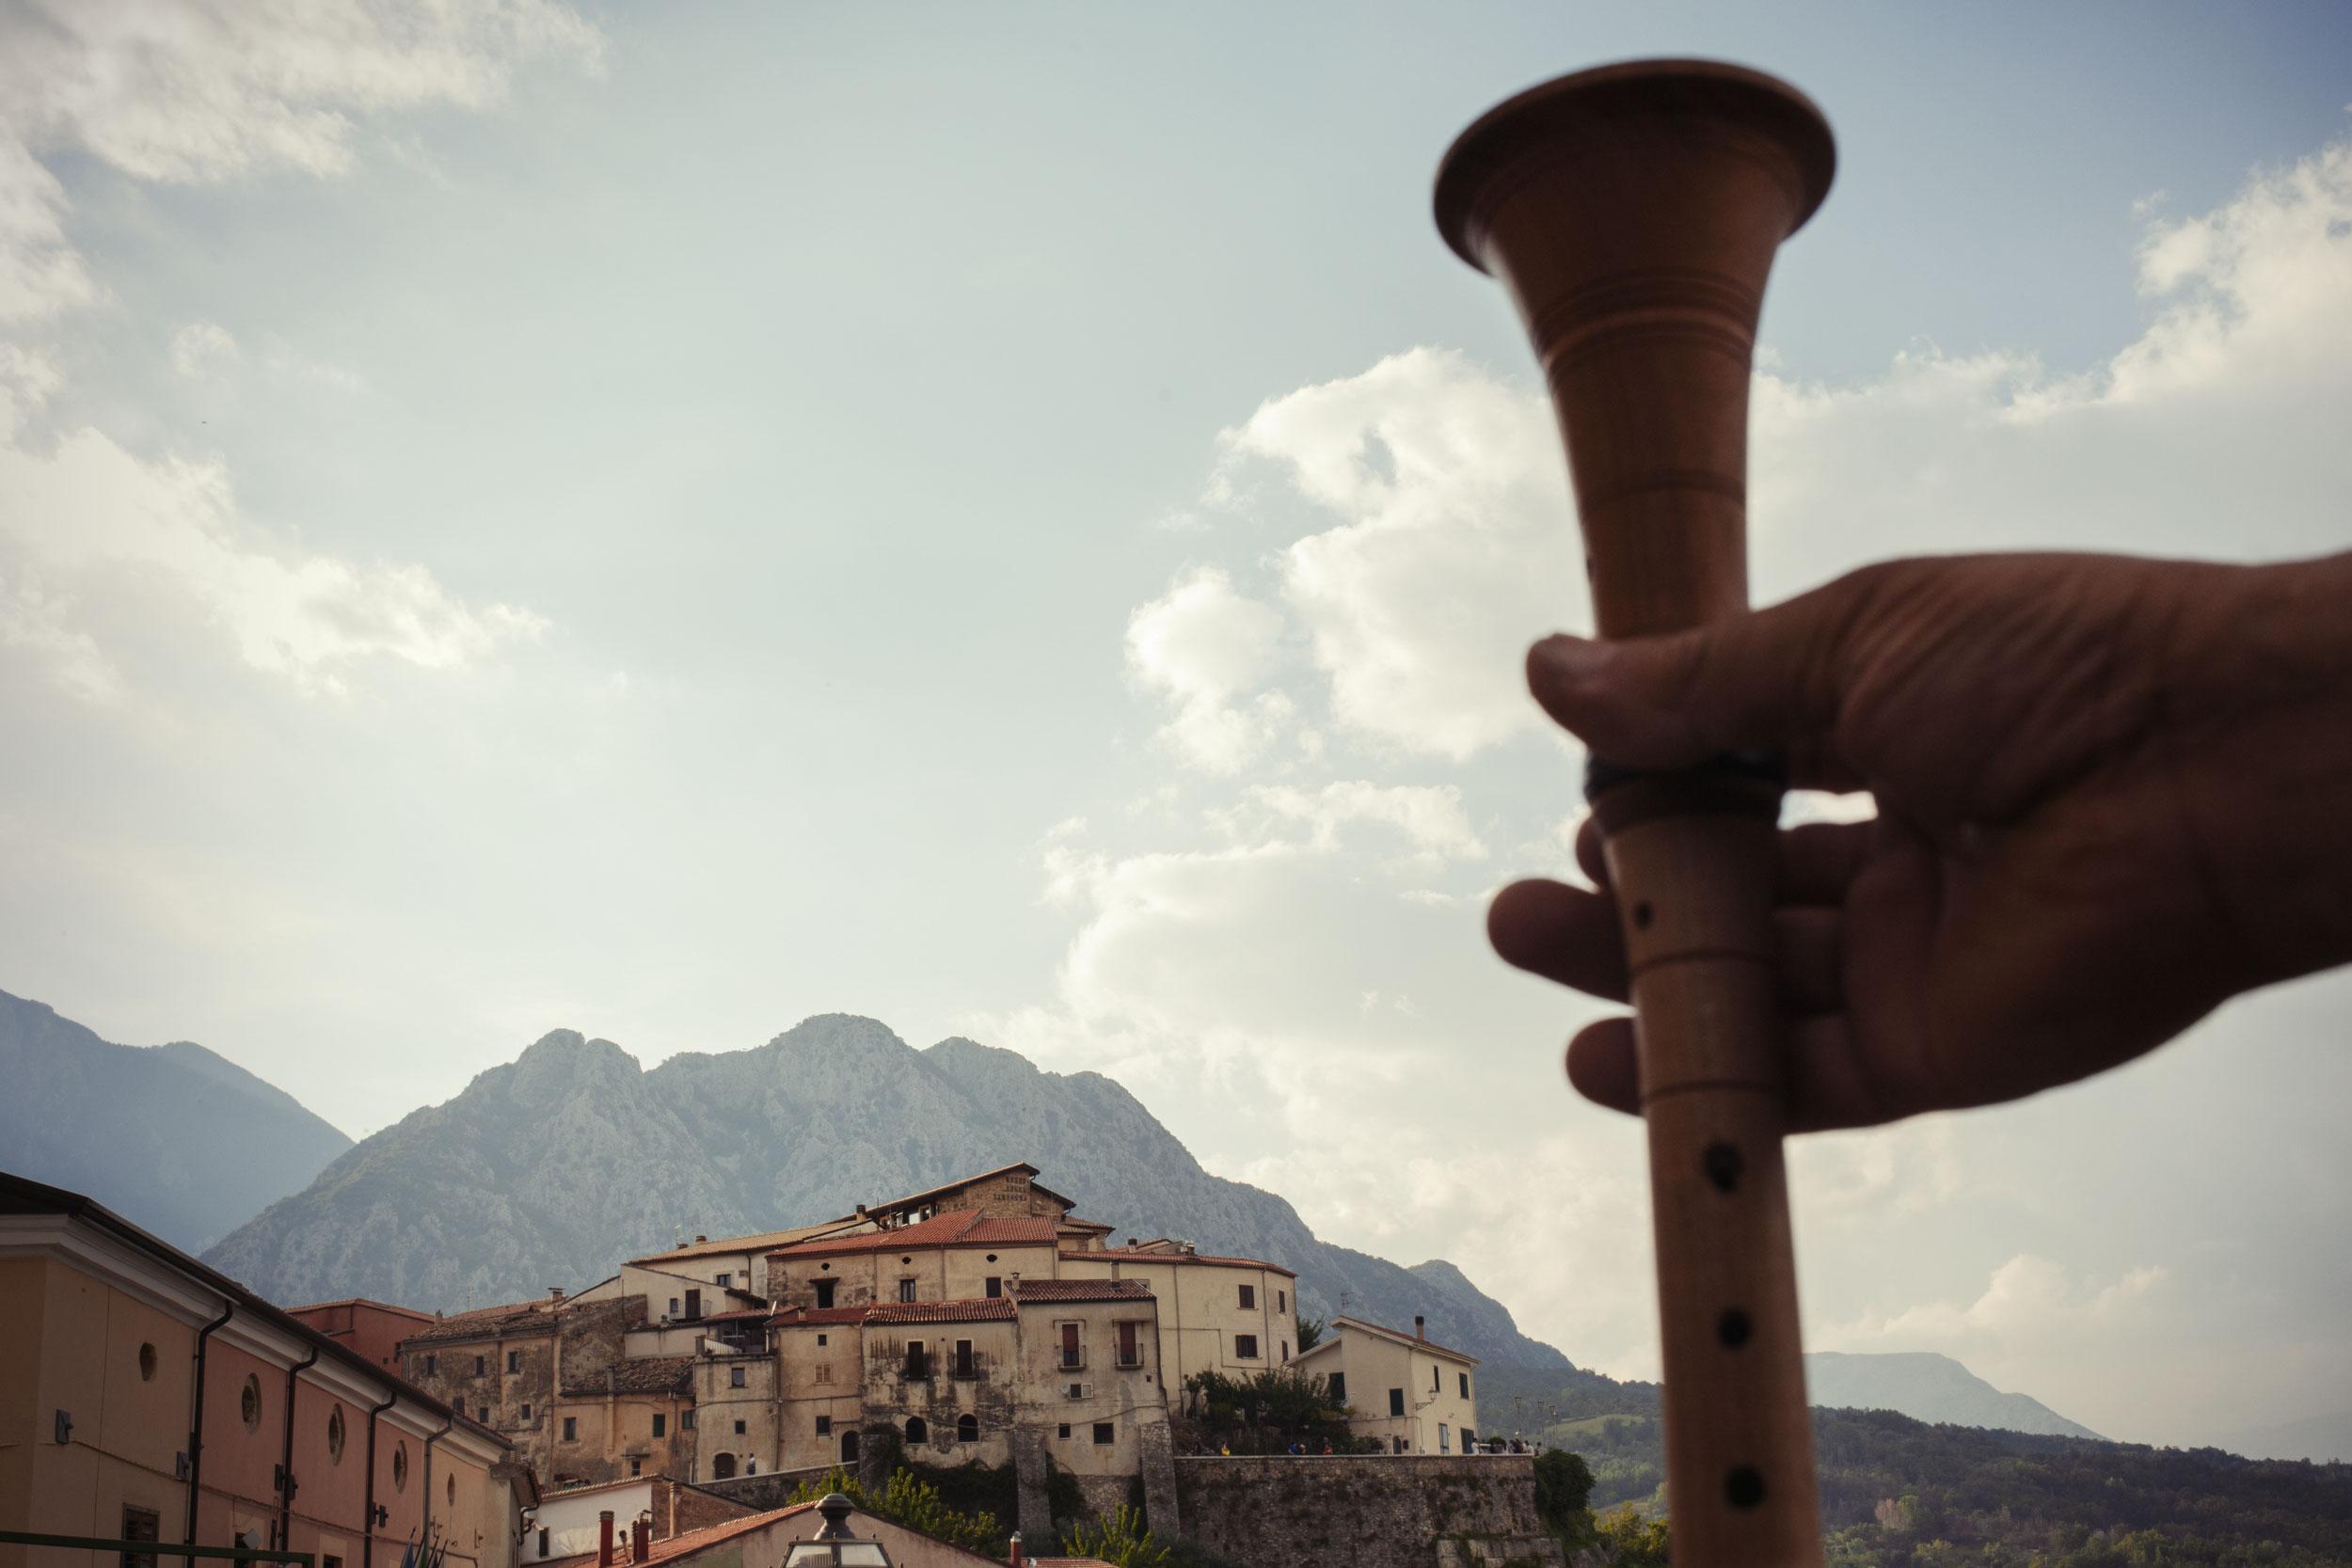 Scapoli (IS), Luglio 2018. Una veduta particolare del del paese con annessa una ciaramella, altro strumento tipico che si accompagna alla zampogna.